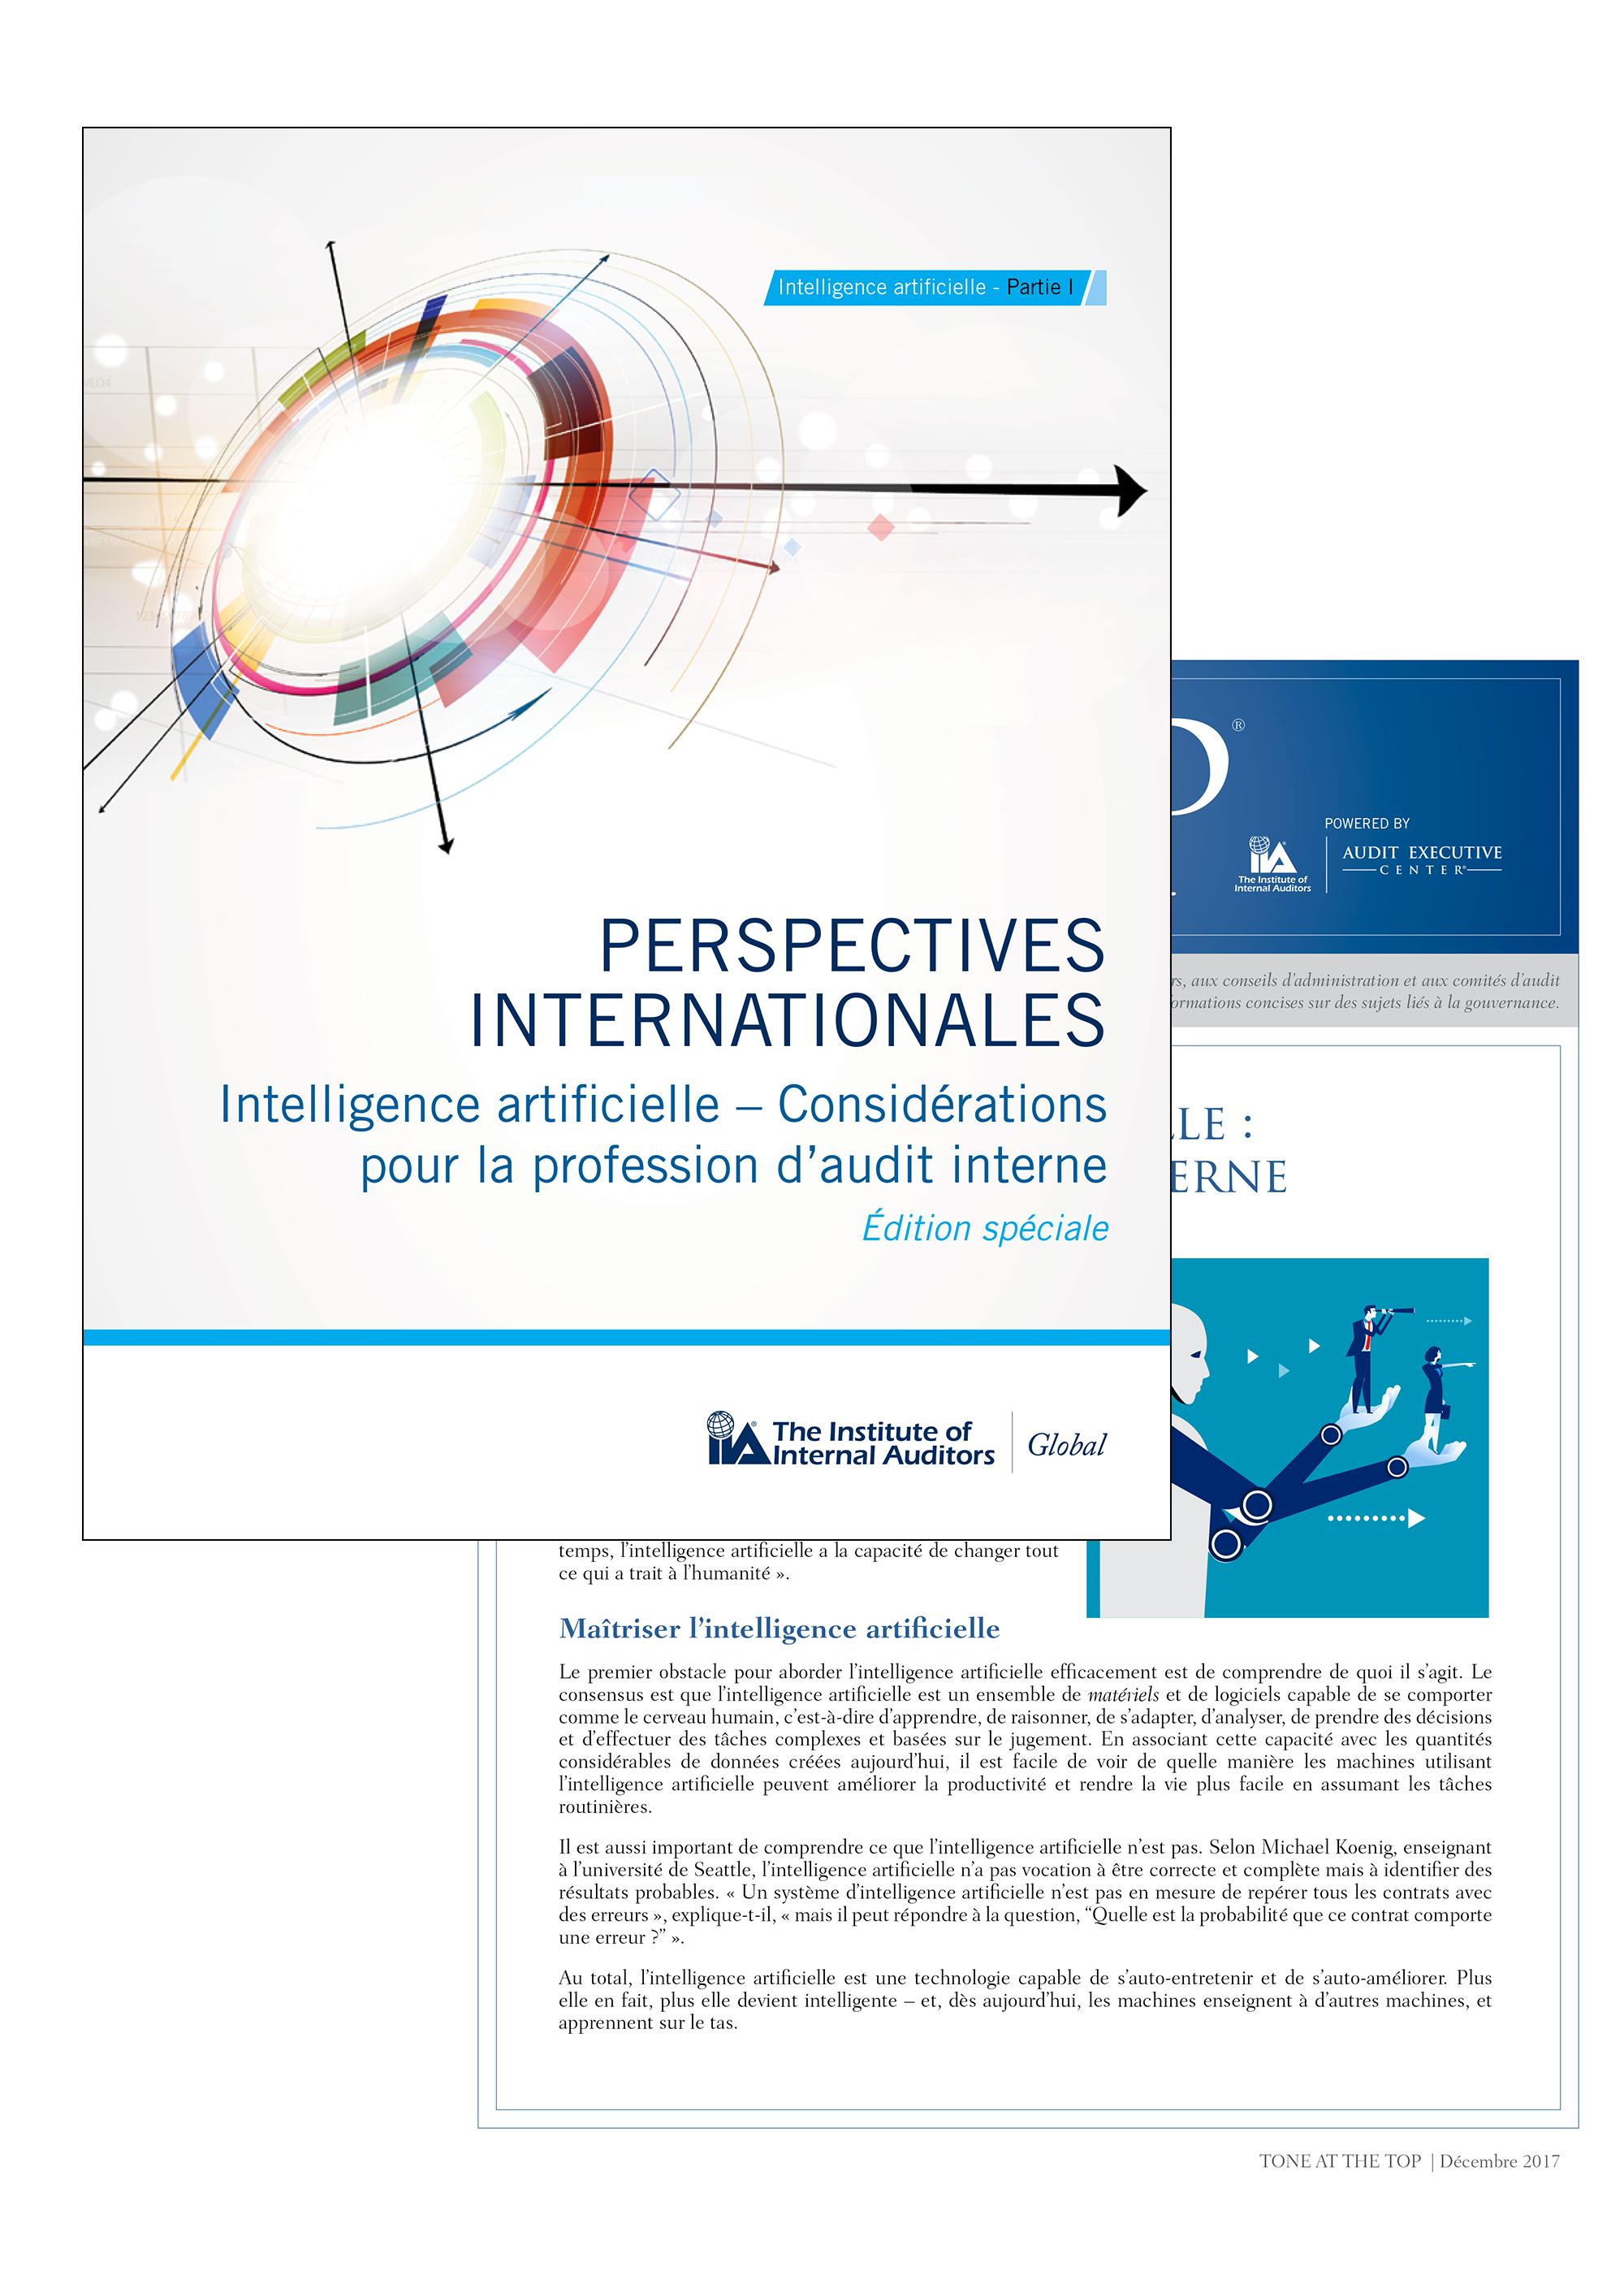 Intelligence artificielle : quelles considérations pour l'audit interne ?